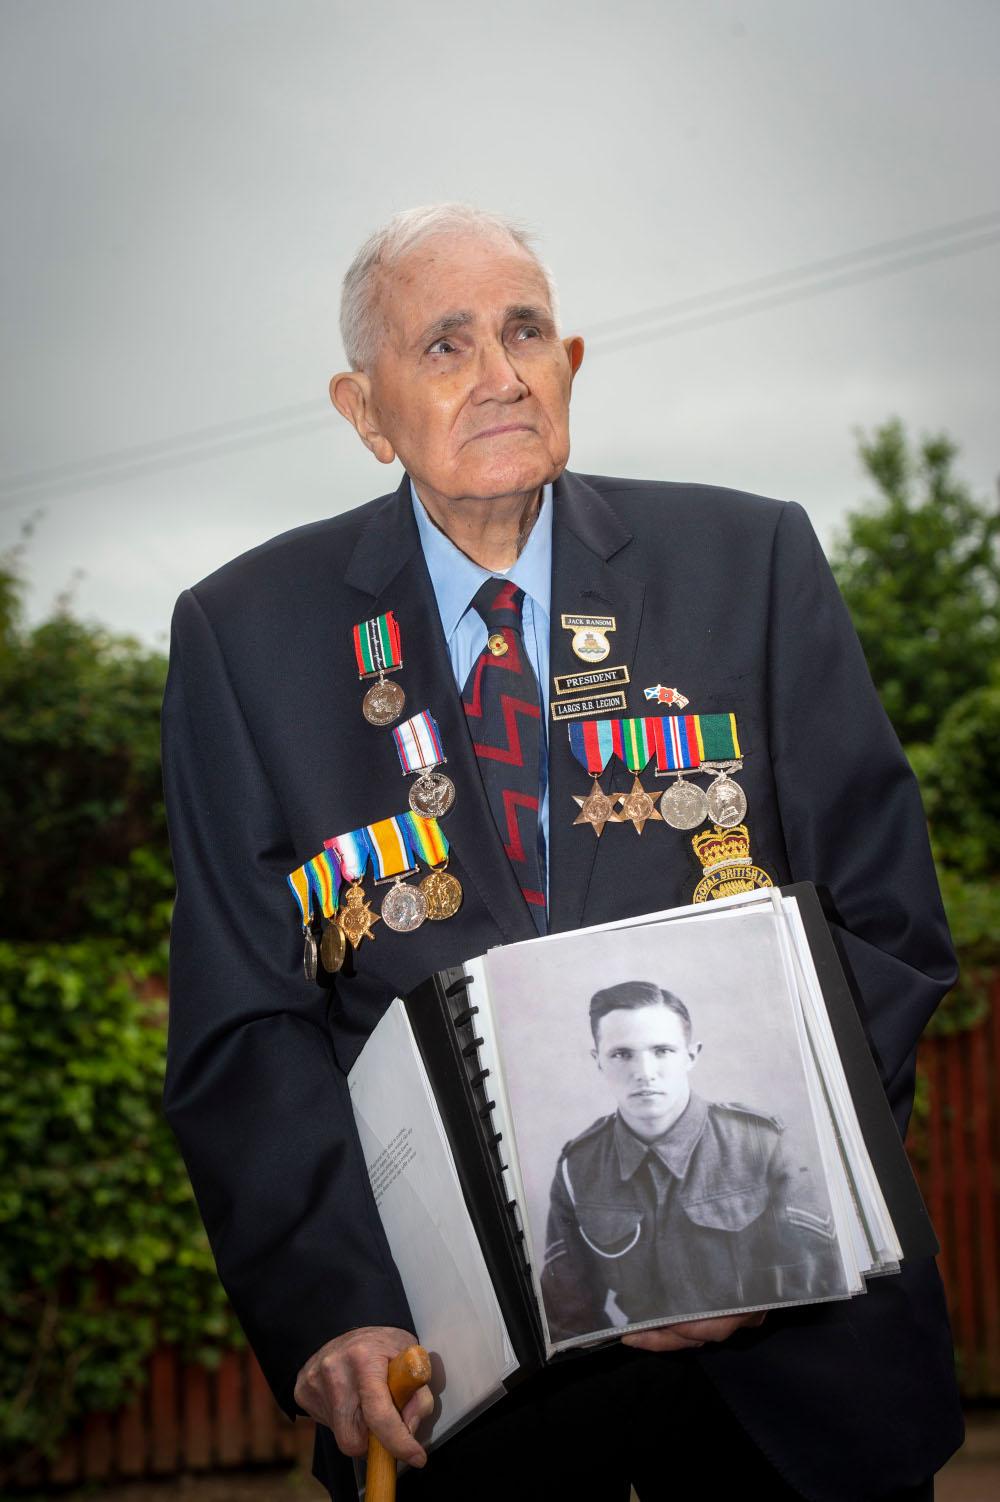 Jack Ransom VJ Day veteran